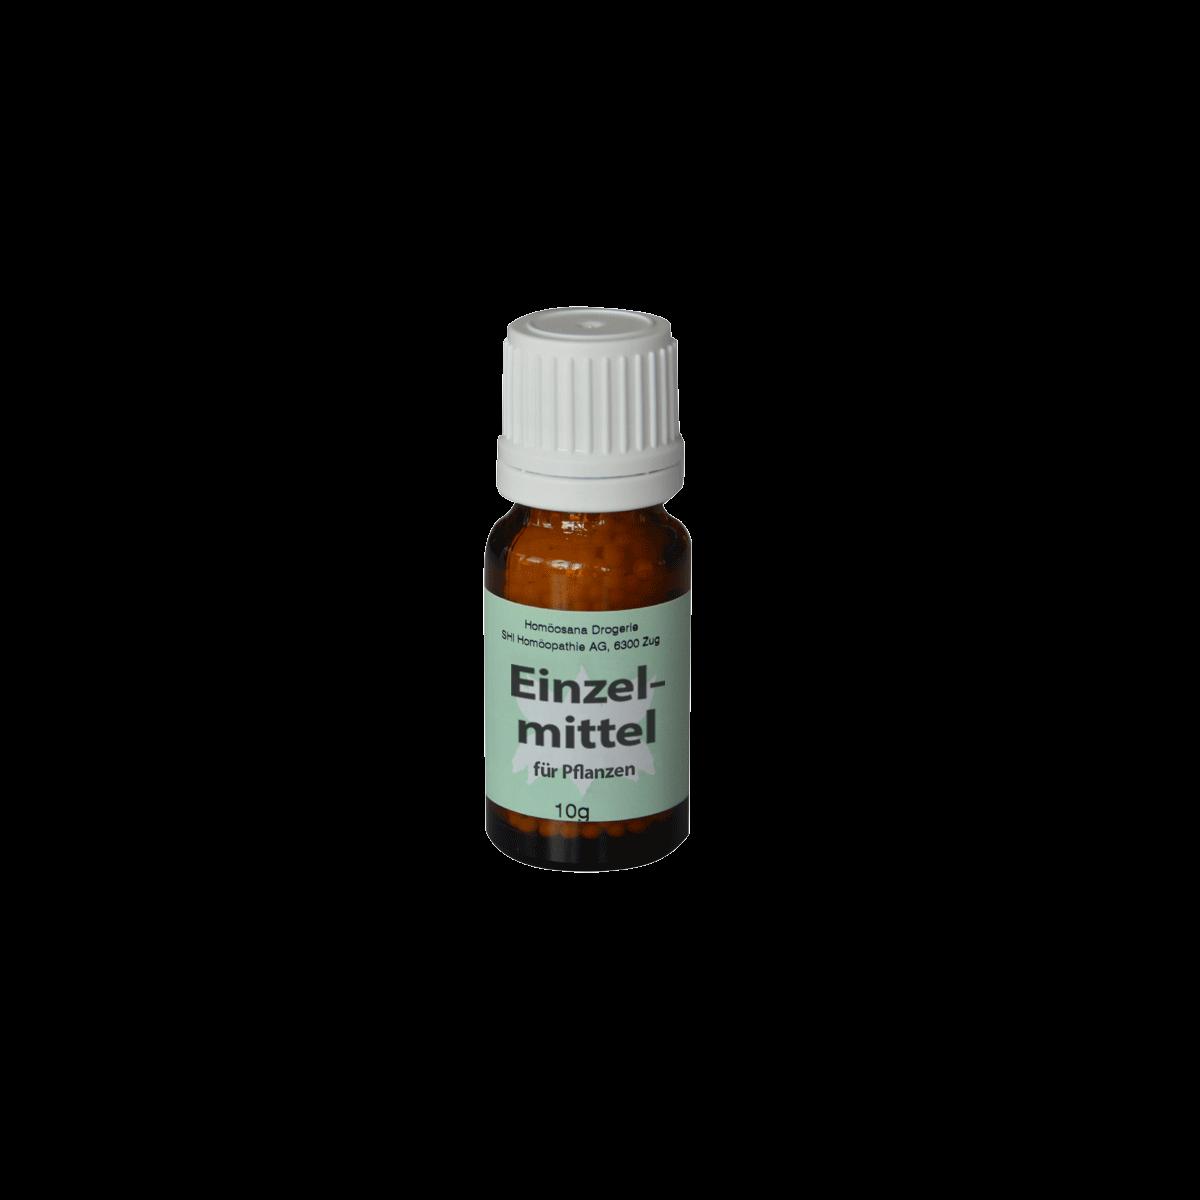 Vaccinum myrthyllus fructus